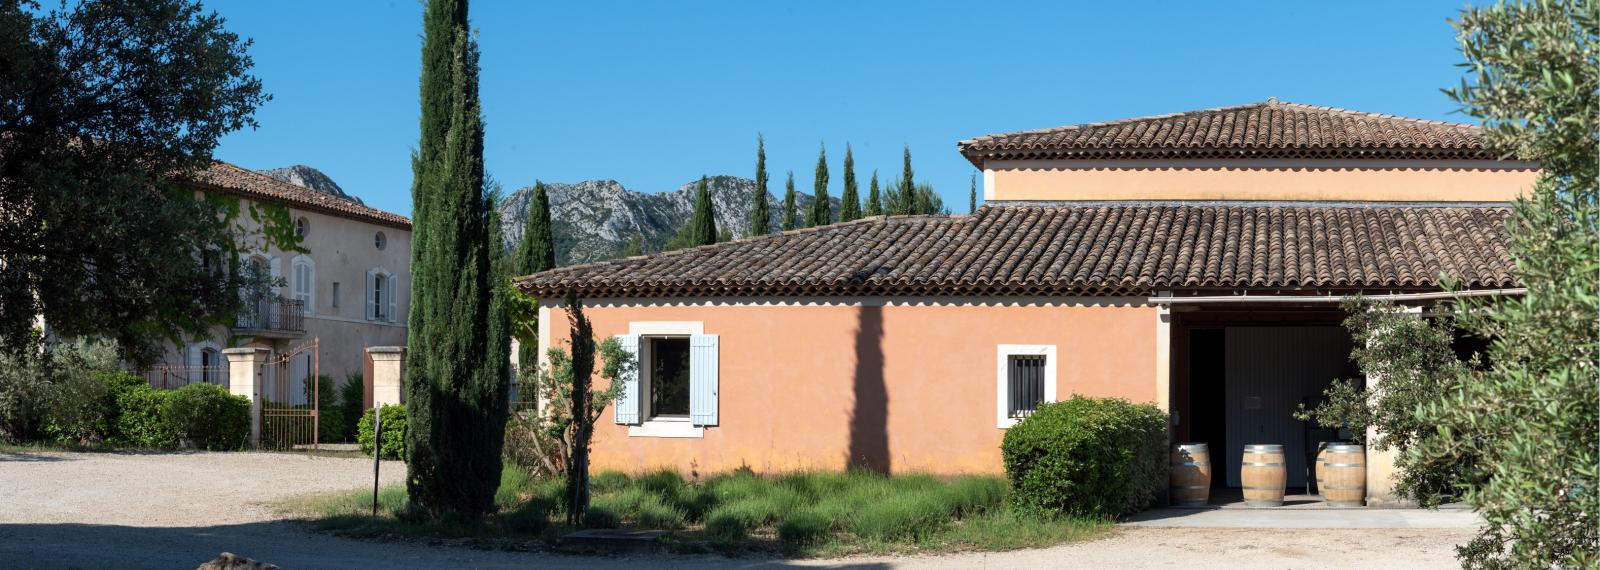 Domaine d'Eole, vignoble à Eygalières